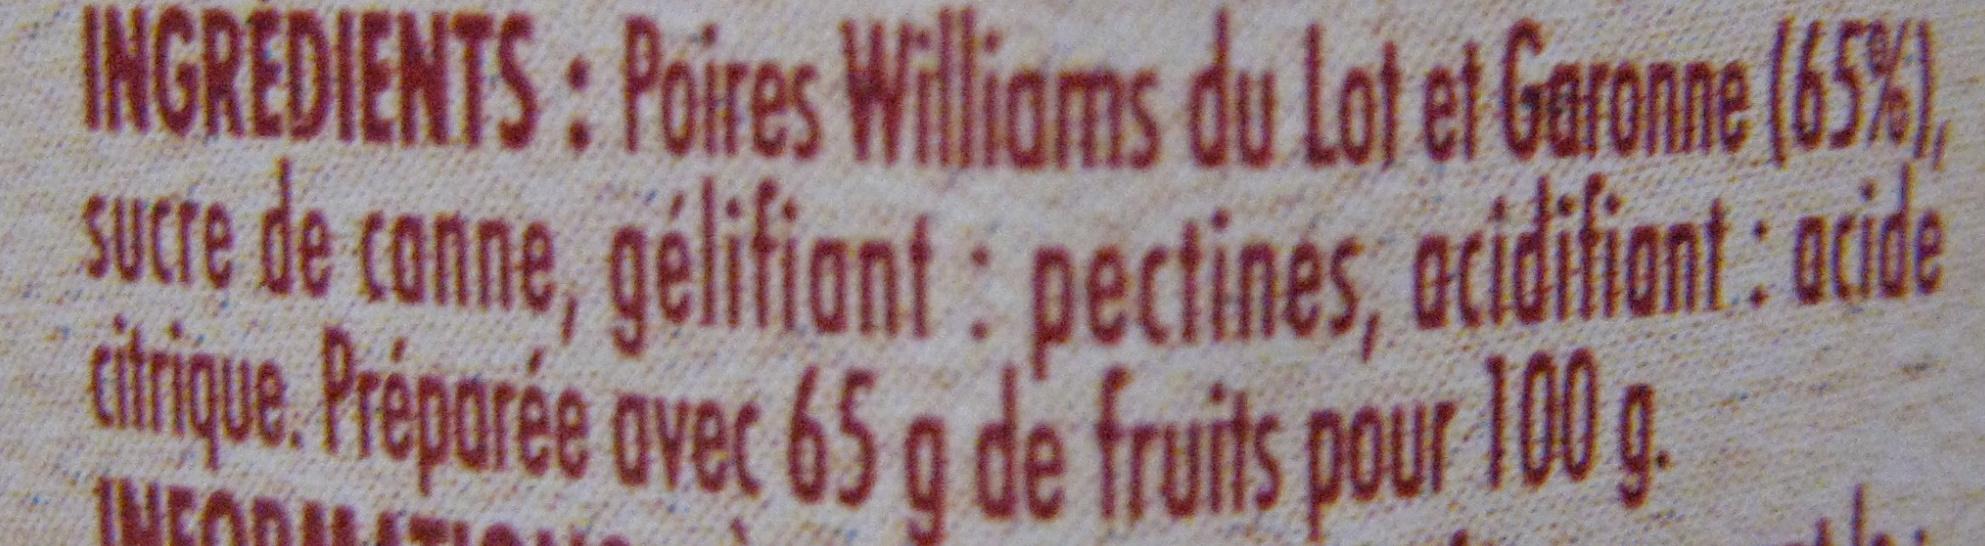 Préparation de Poires Williams du Lot et Garonne - Ingredients - fr